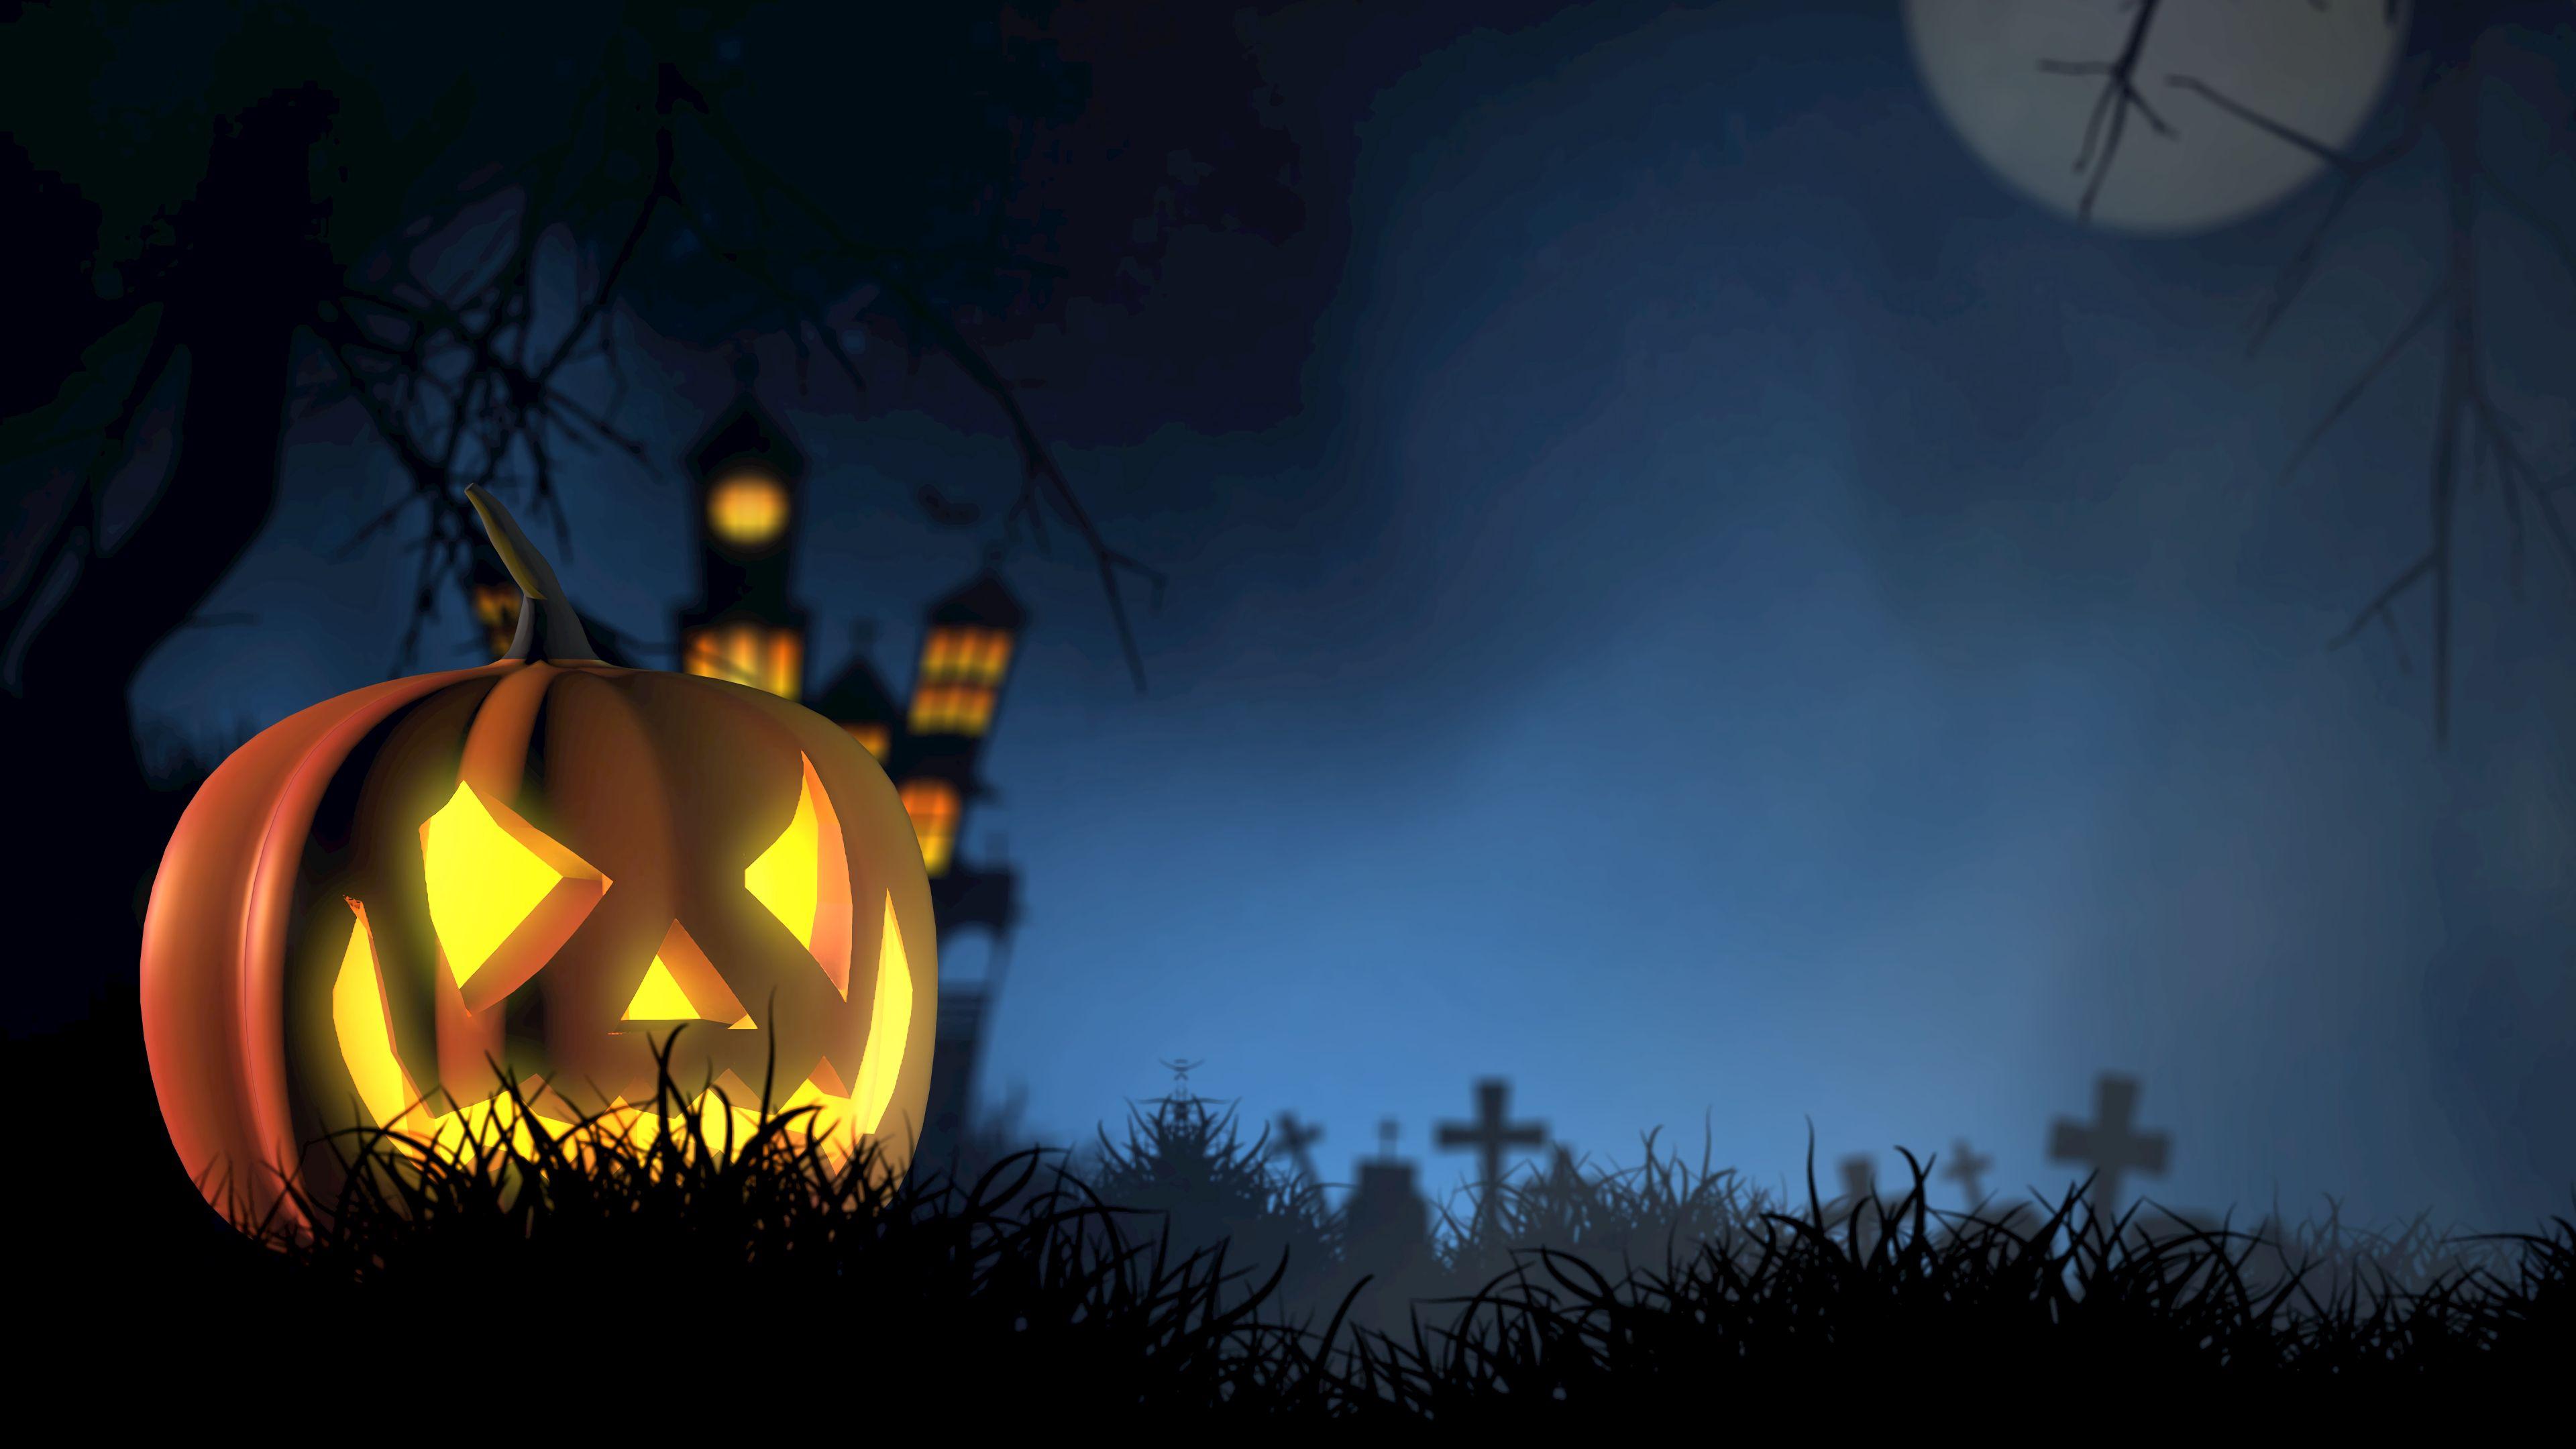 146313 Hintergrundbild herunterladen Halloween, Feiertage, Herbst, Kürbis, Gesicht, Unheimliche, Gespenstisch - Bildschirmschoner und Bilder kostenlos